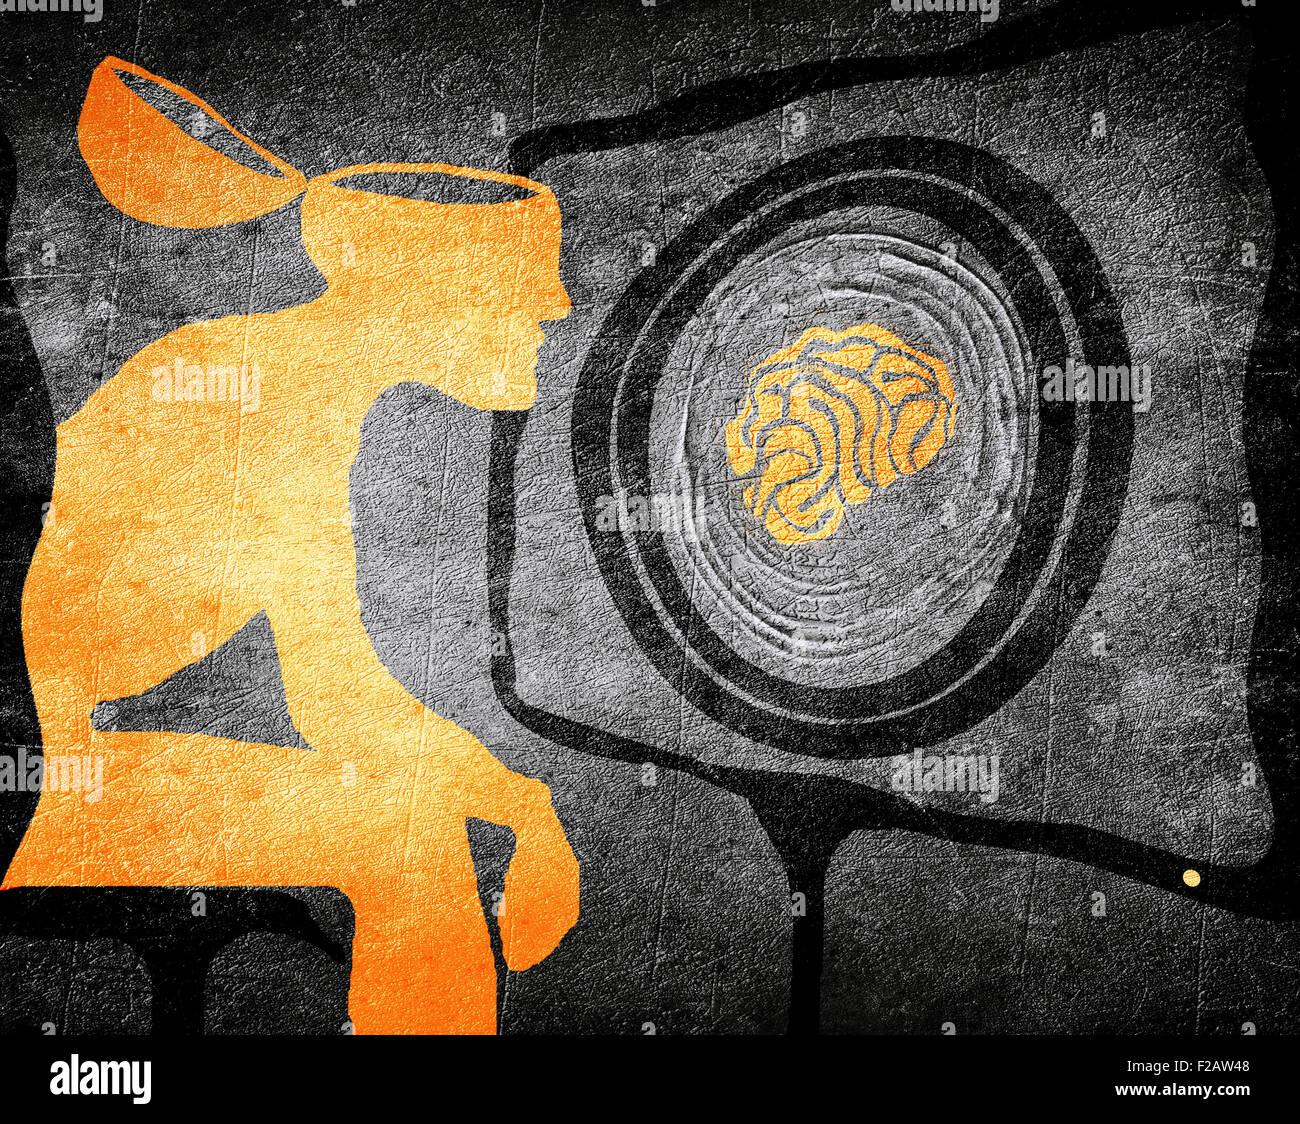 Der Mensch auf der Suche Fernseher Waschmaschine Gehirn Abbildung: Konzept Stockbild